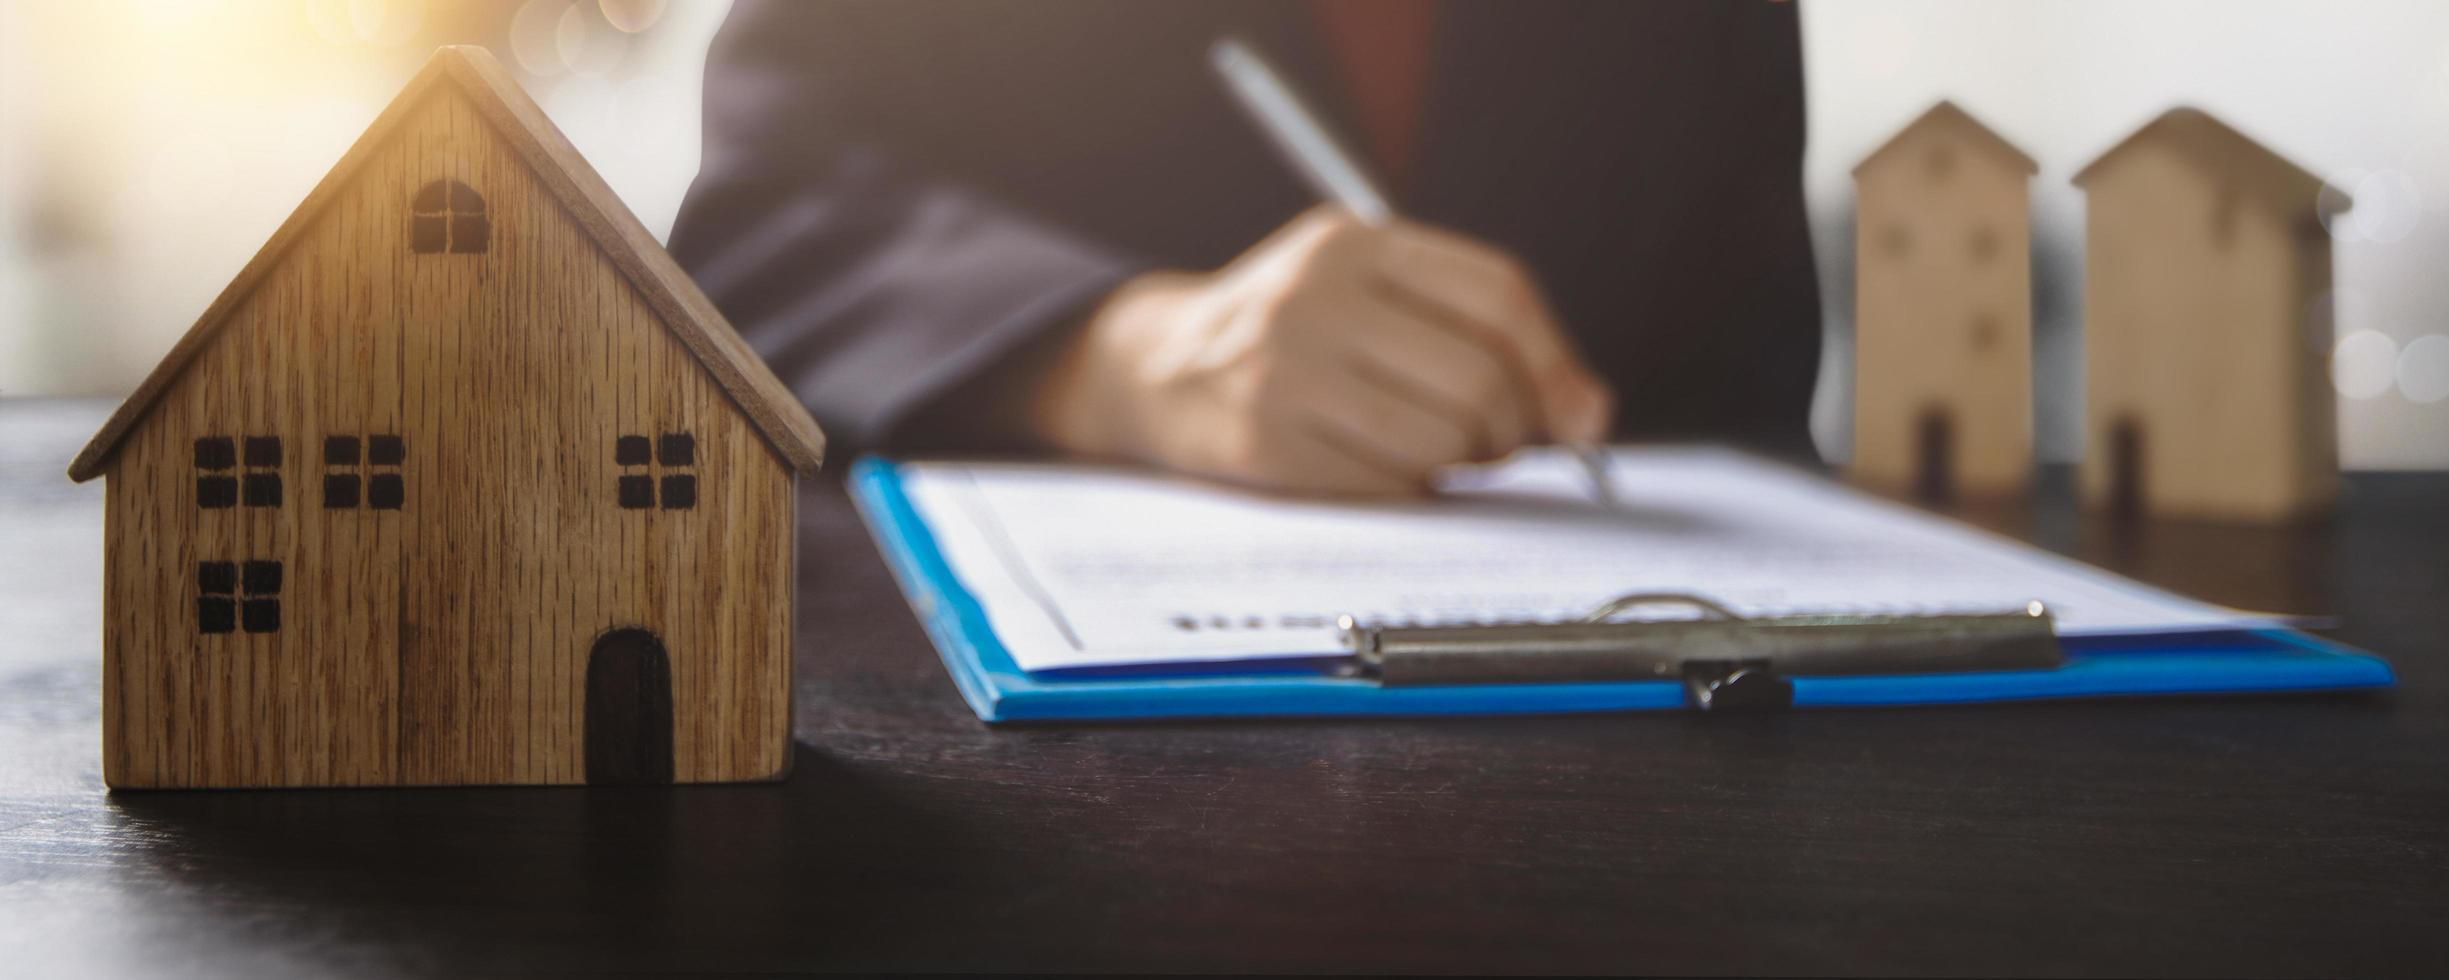 propriétaire d'une maison qui signe un contrat hypothécaire photo